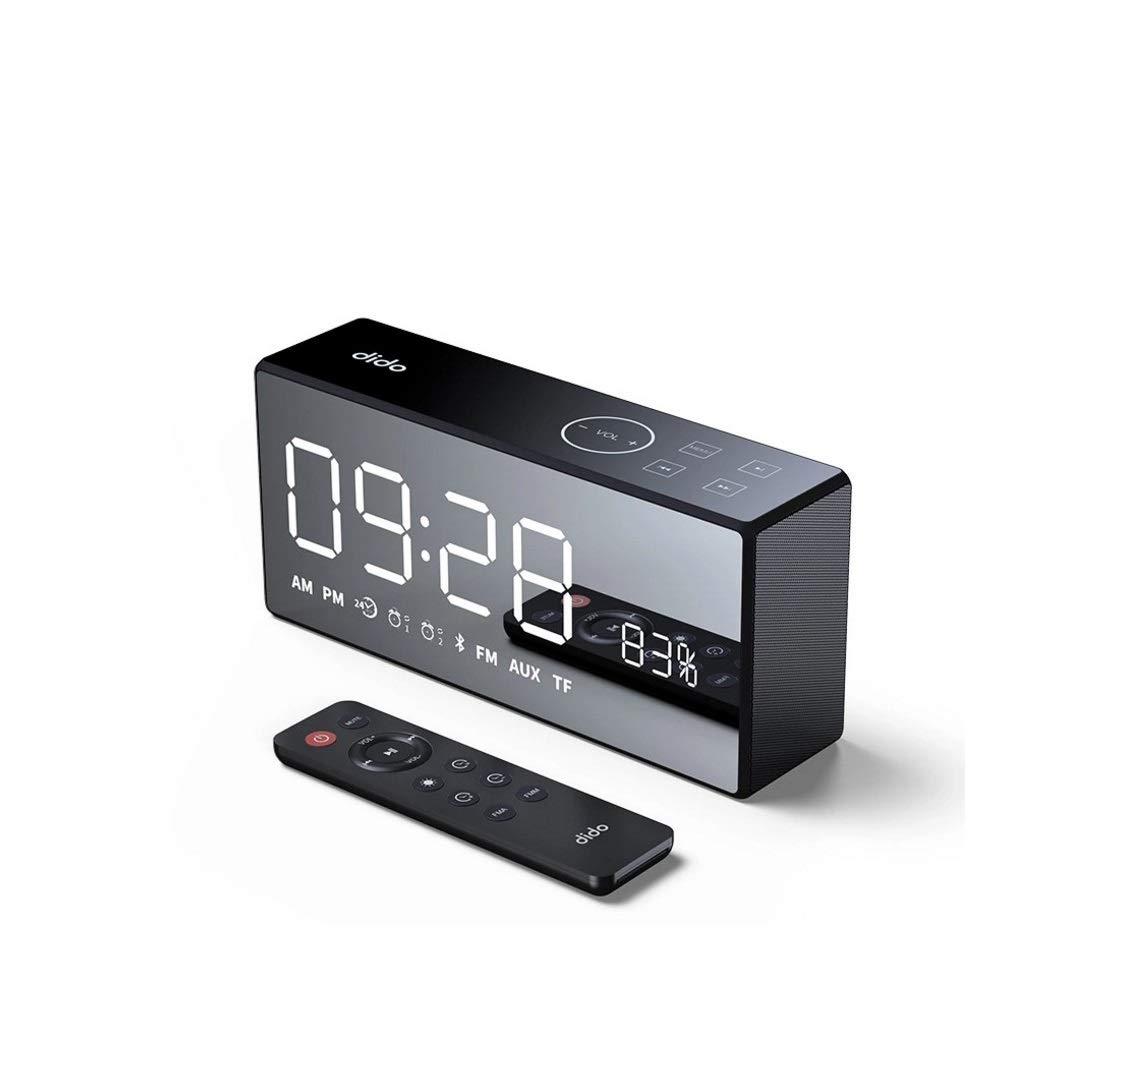 WangGai ワイヤレスBluetoothスピーカーミラー大画面衝撃的な目覚まし時計双方向スピーカー (Color : ブラック)   B07QBPQRYD